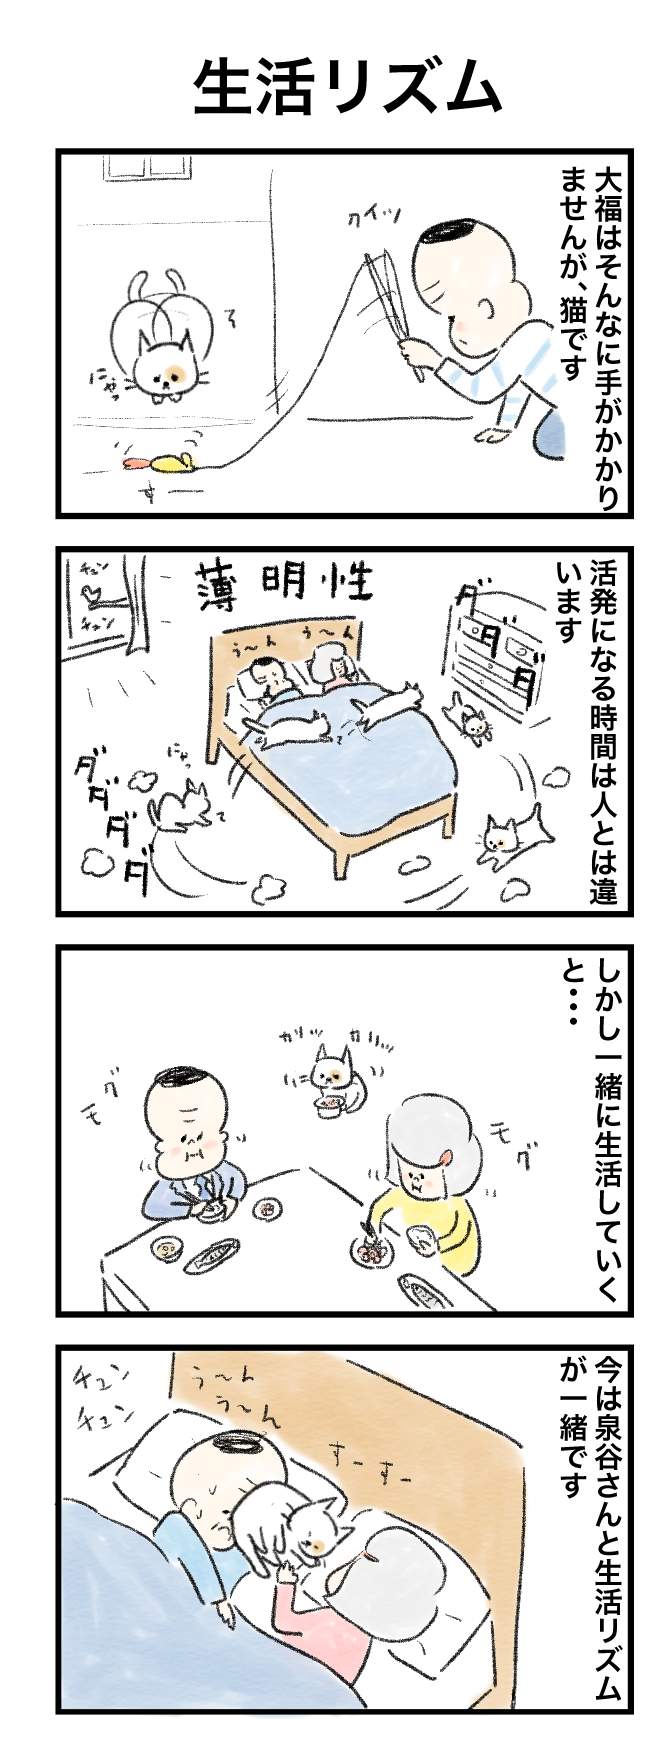 今日の泉谷さん【10】 作:カワサキヒロシ(ごとお日漫画)